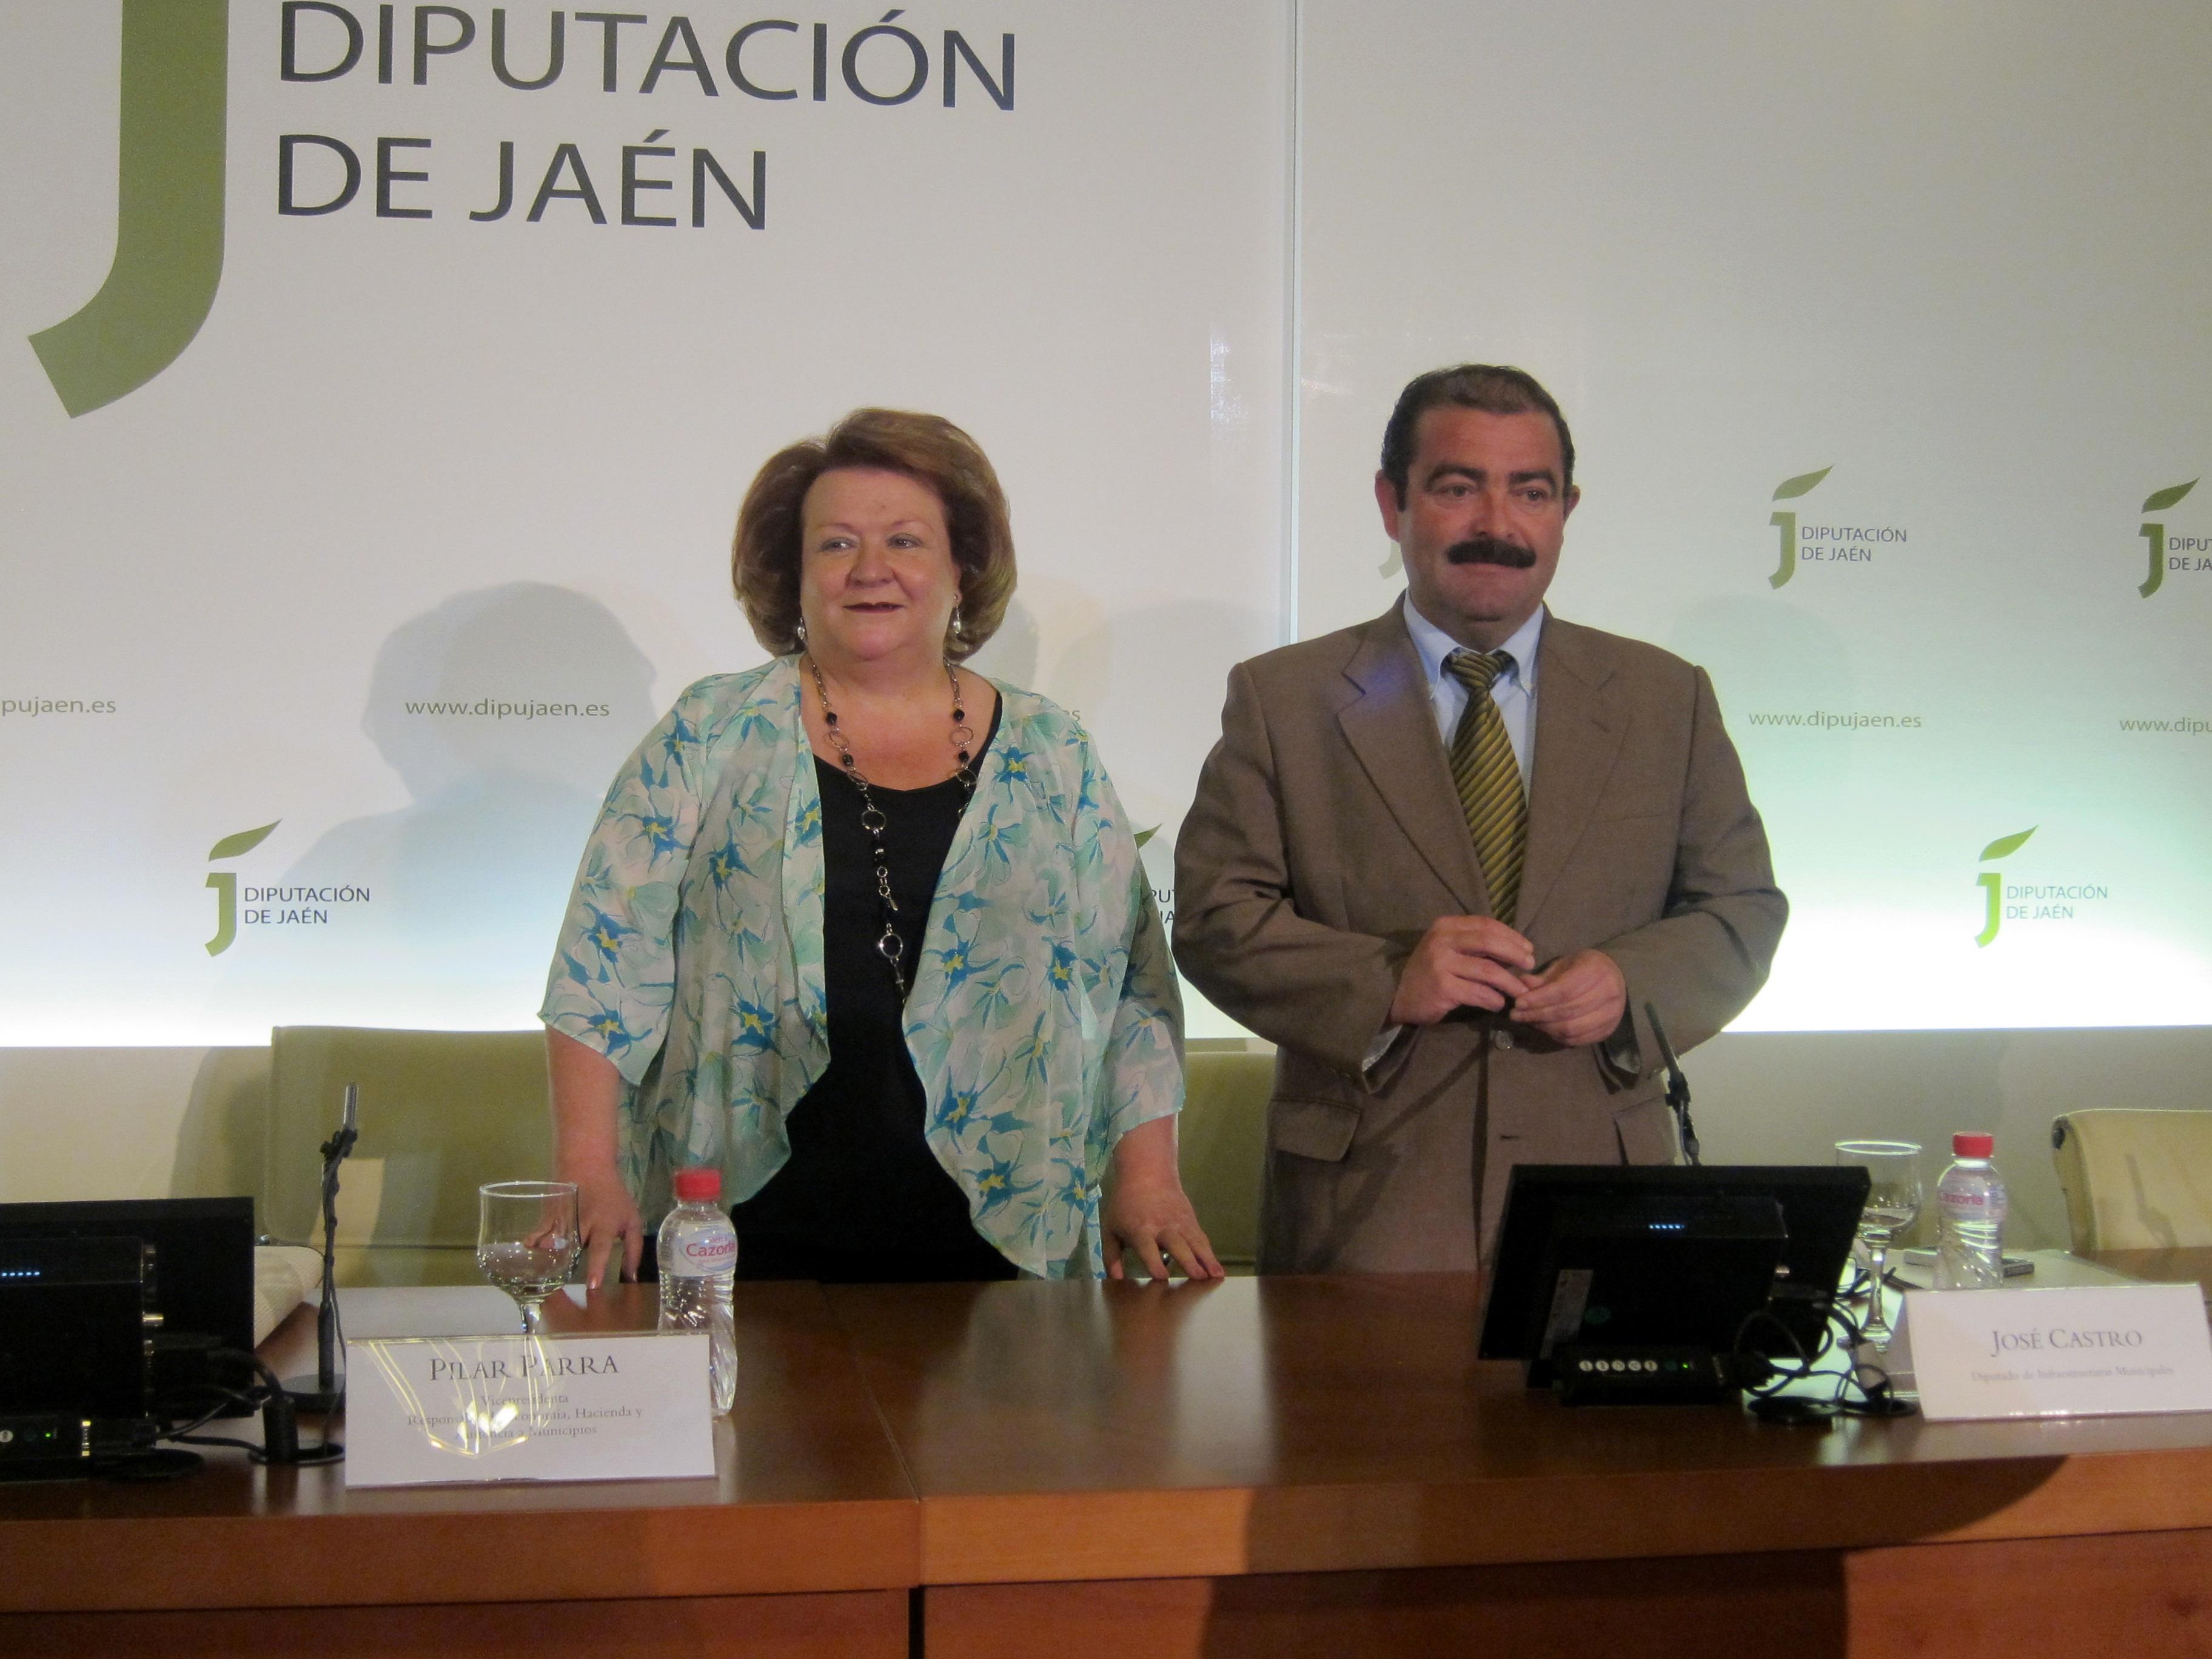 La Diputación destinará 16,6 millones de euros a diversas medidas para estimular el empleo y la economía